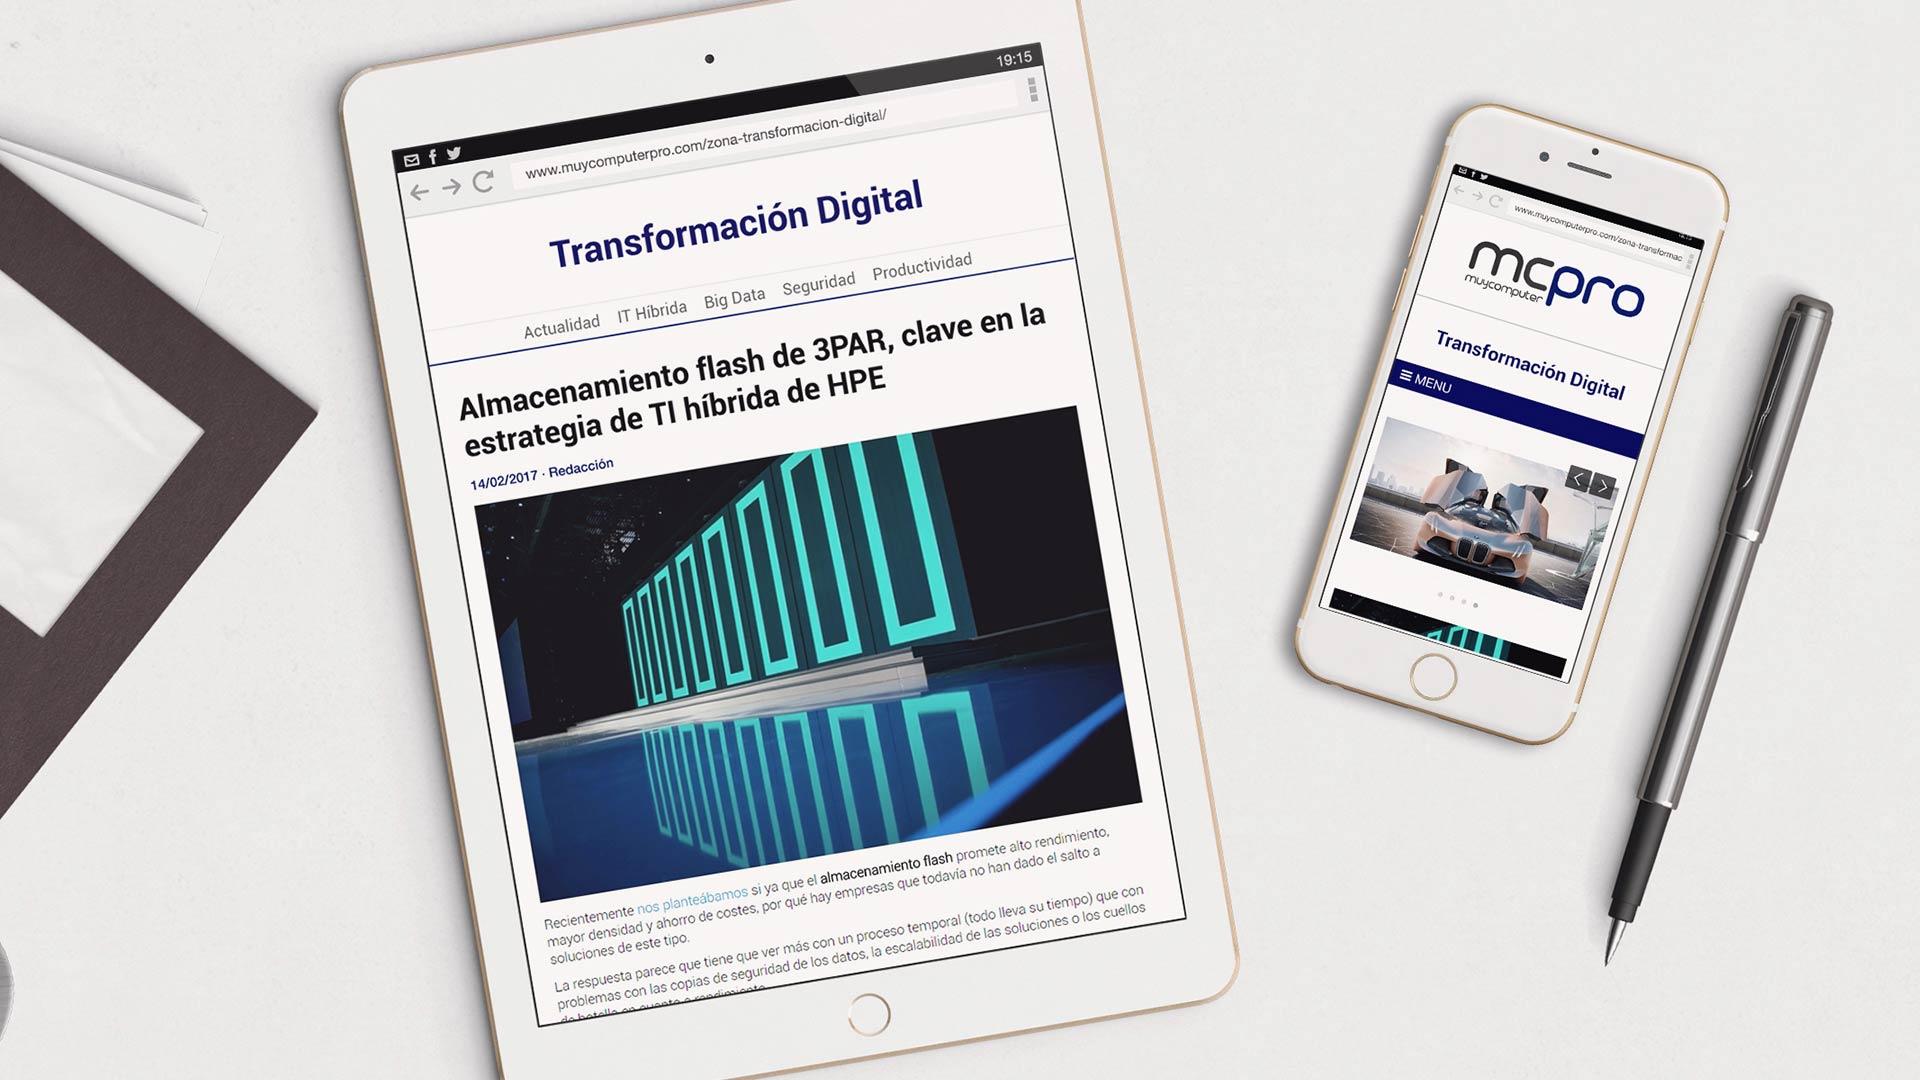 zona-hp-transformacion-digital-content-marketing-web-patrocinio-07